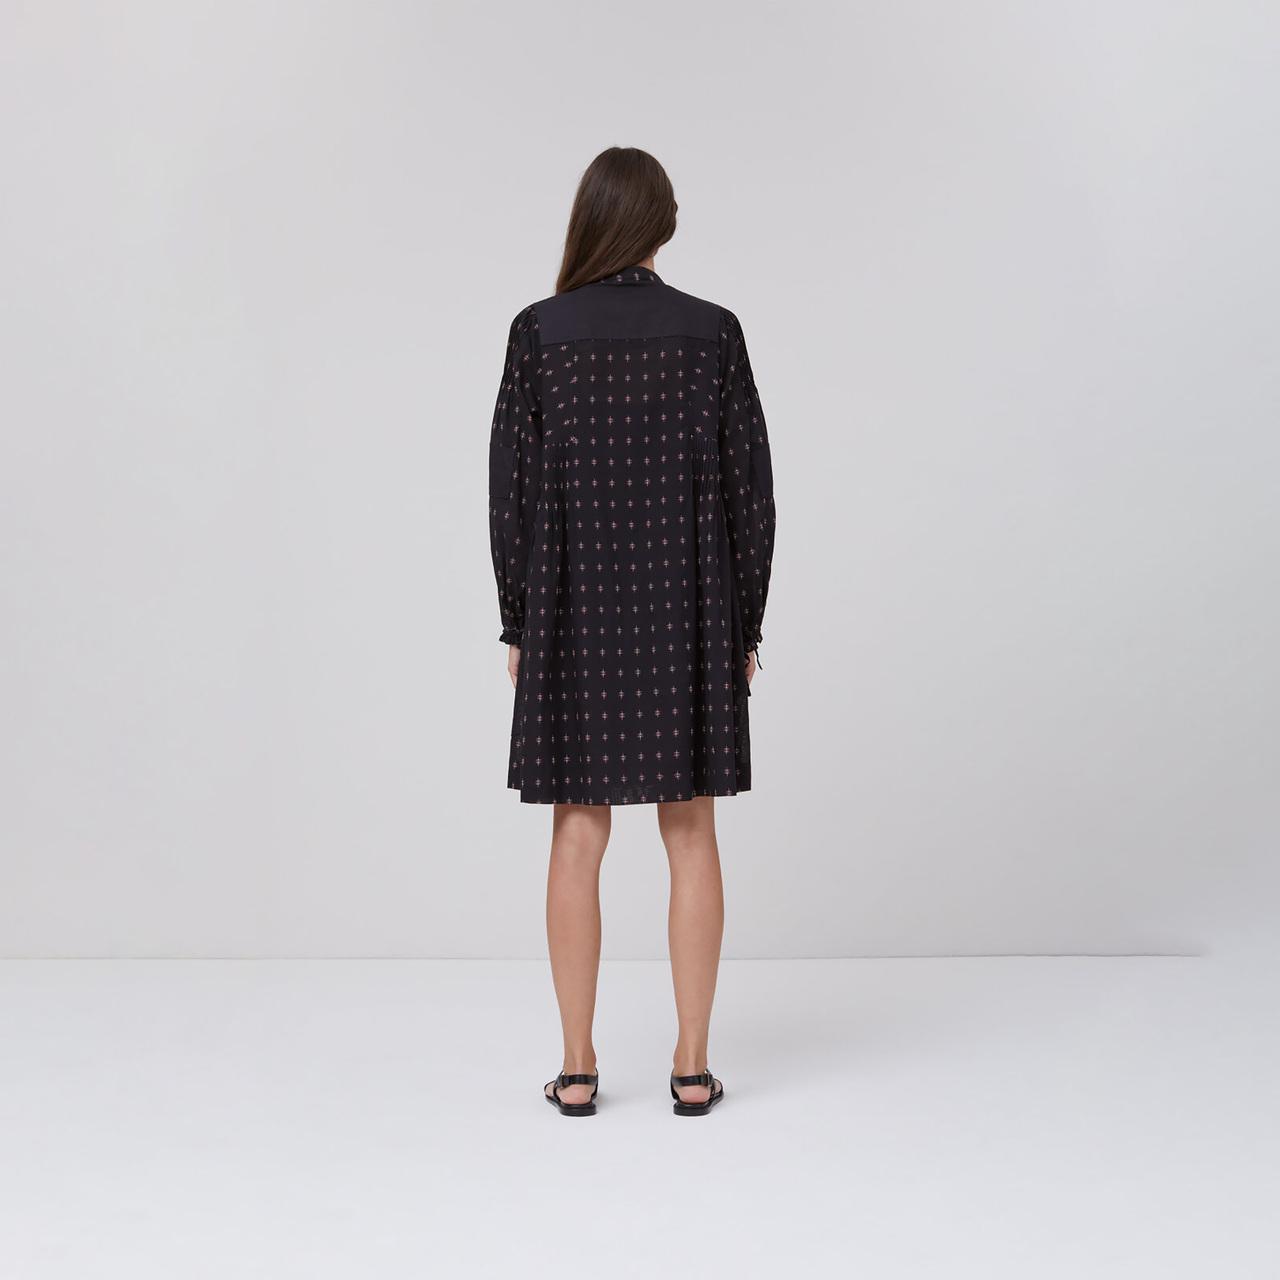 Blusenkleid von 'Closed' in Schwarz